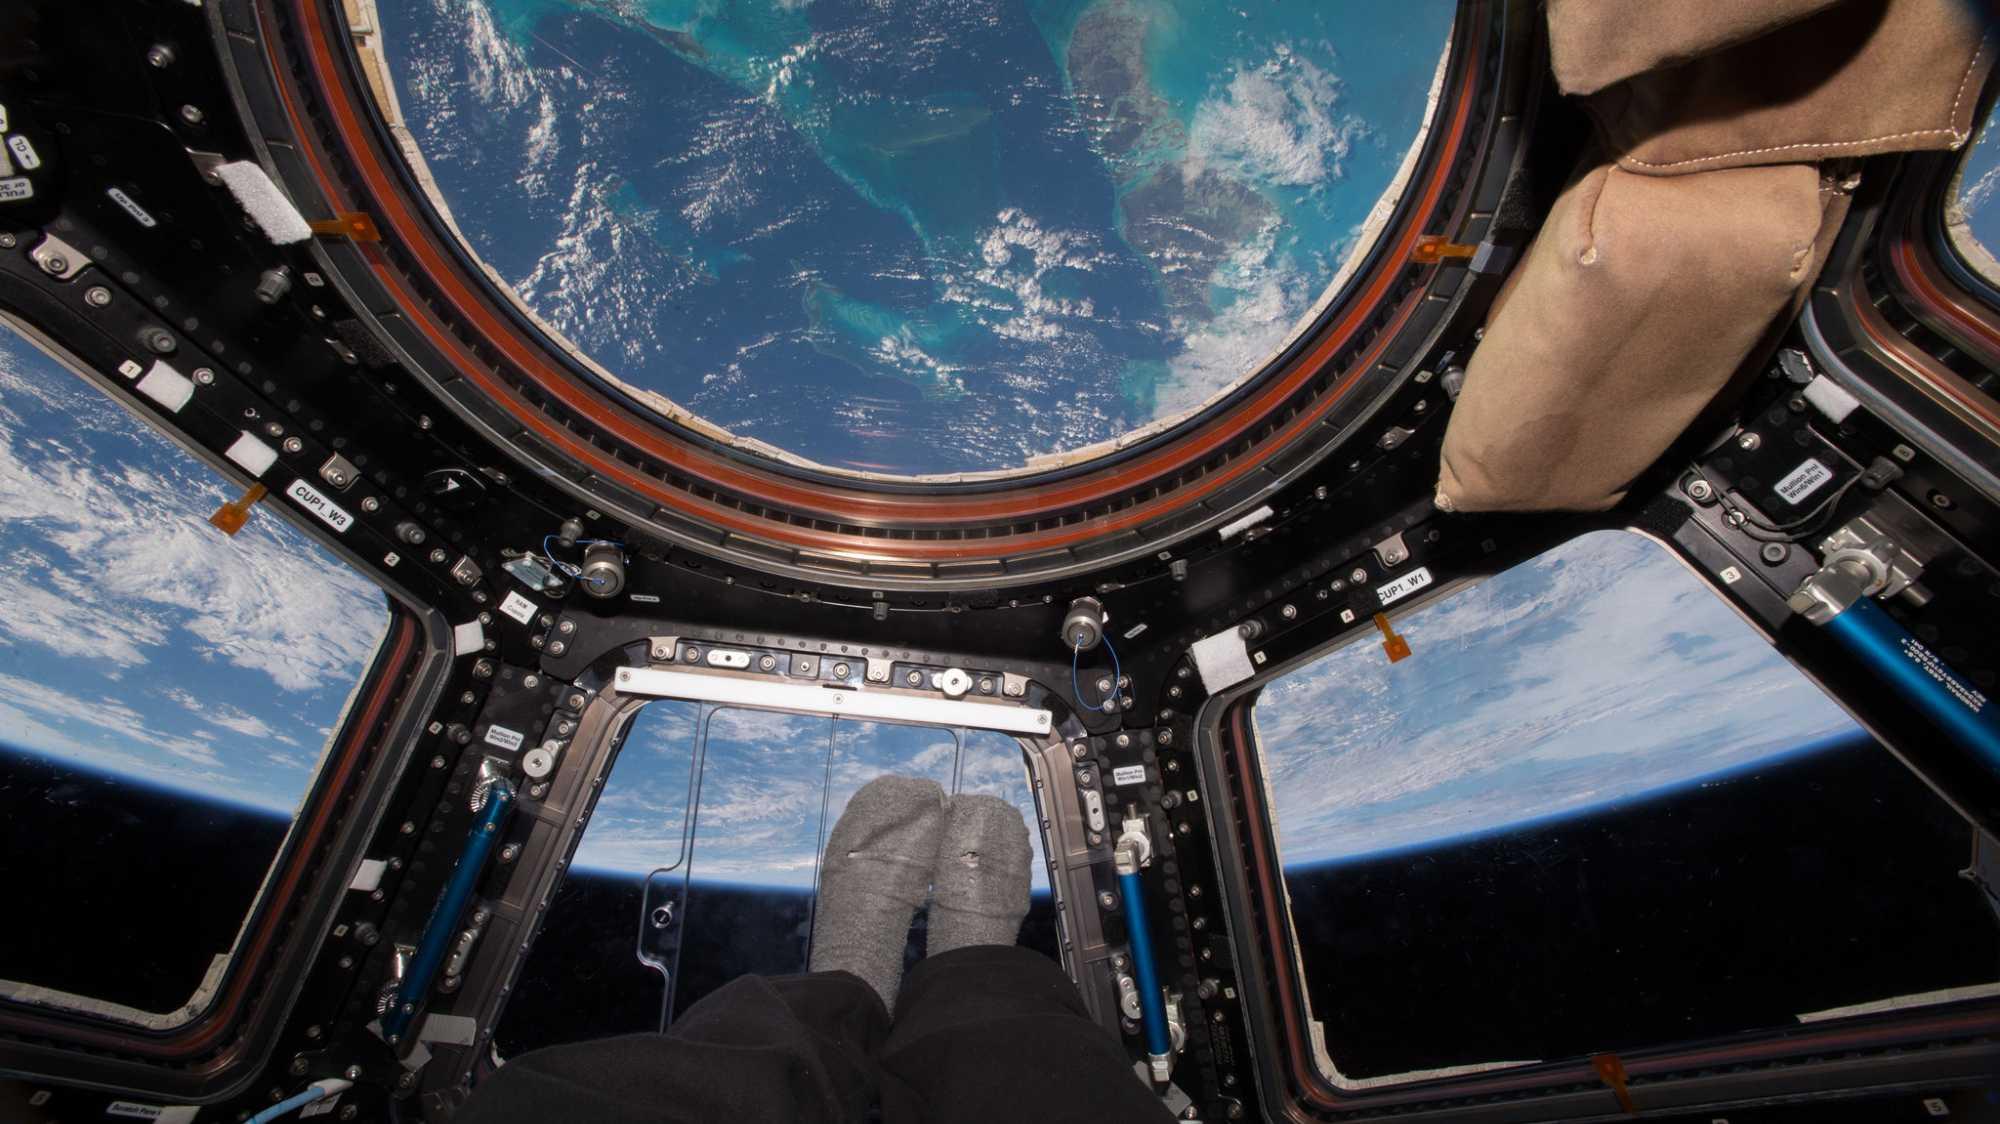 Ende der ISS-Jahresmission: Rückkehr nach fast einem Jahr im All, ISS, Scott Kelly